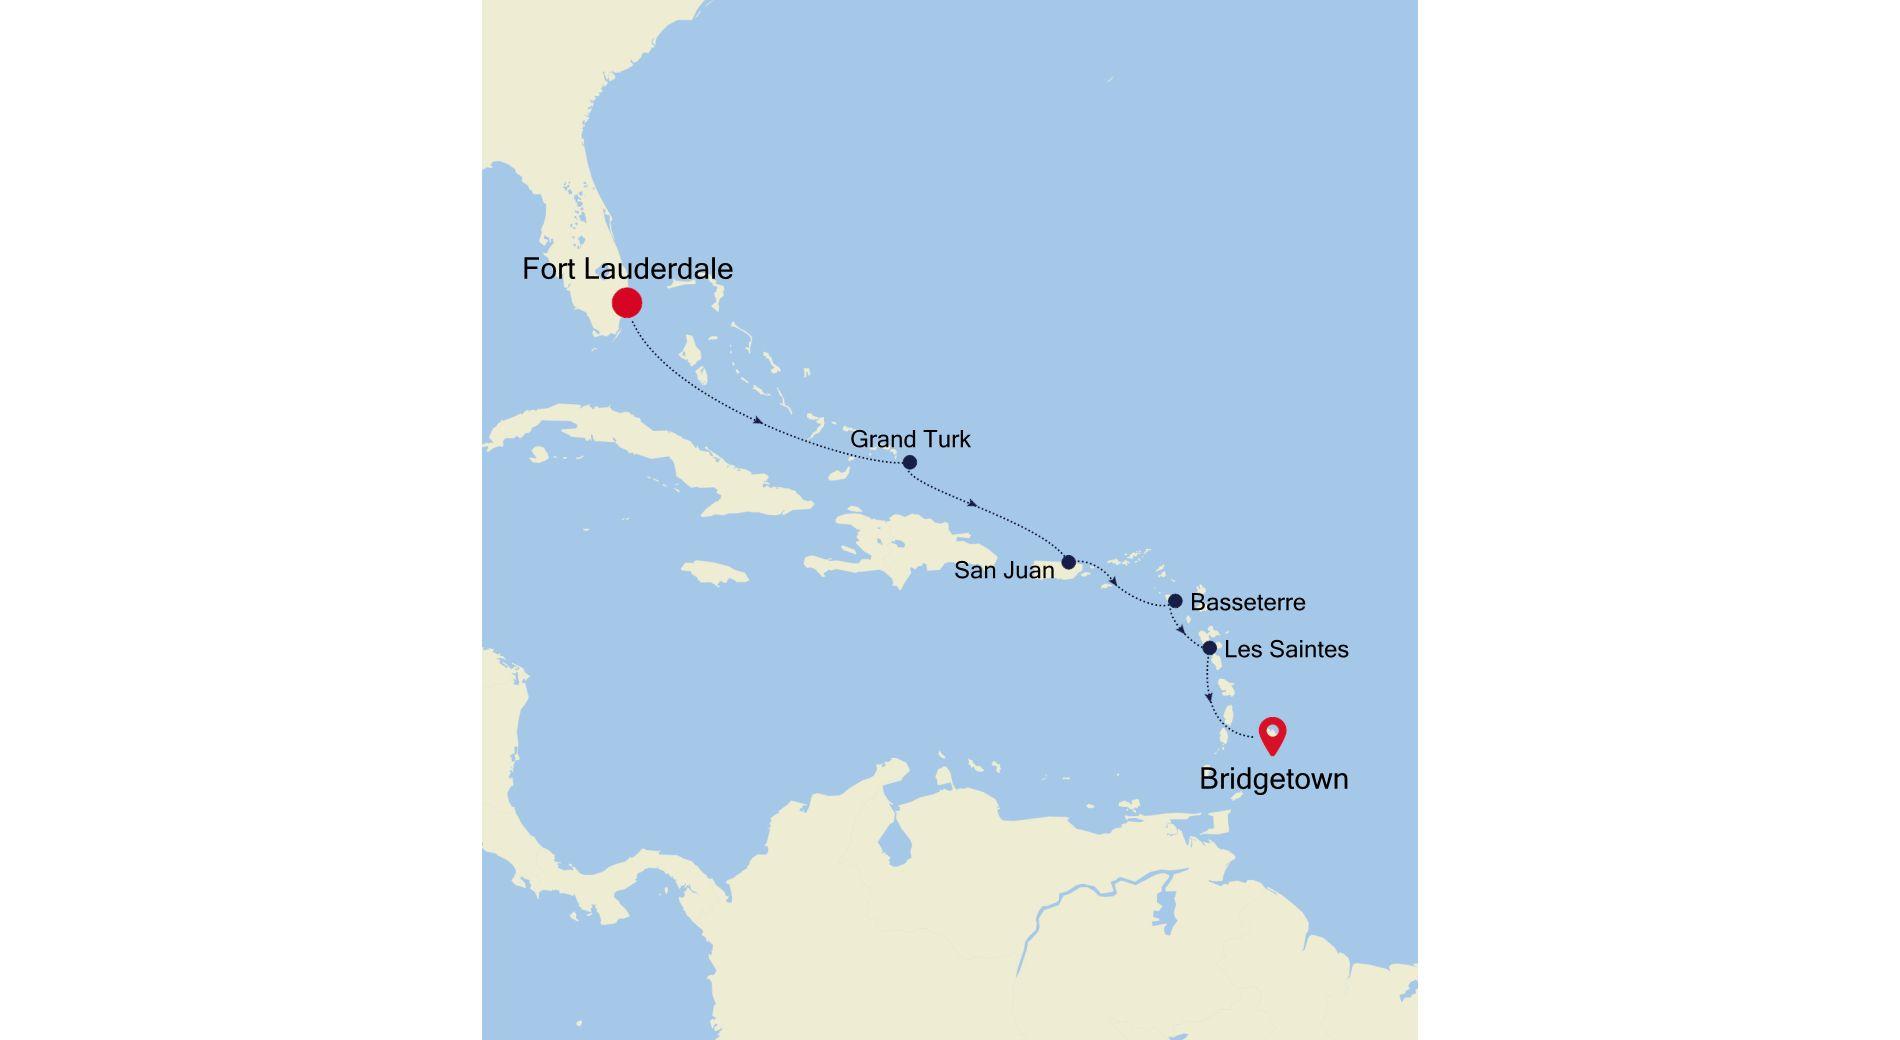 4930A - Fort Lauderdale a Bridgetown